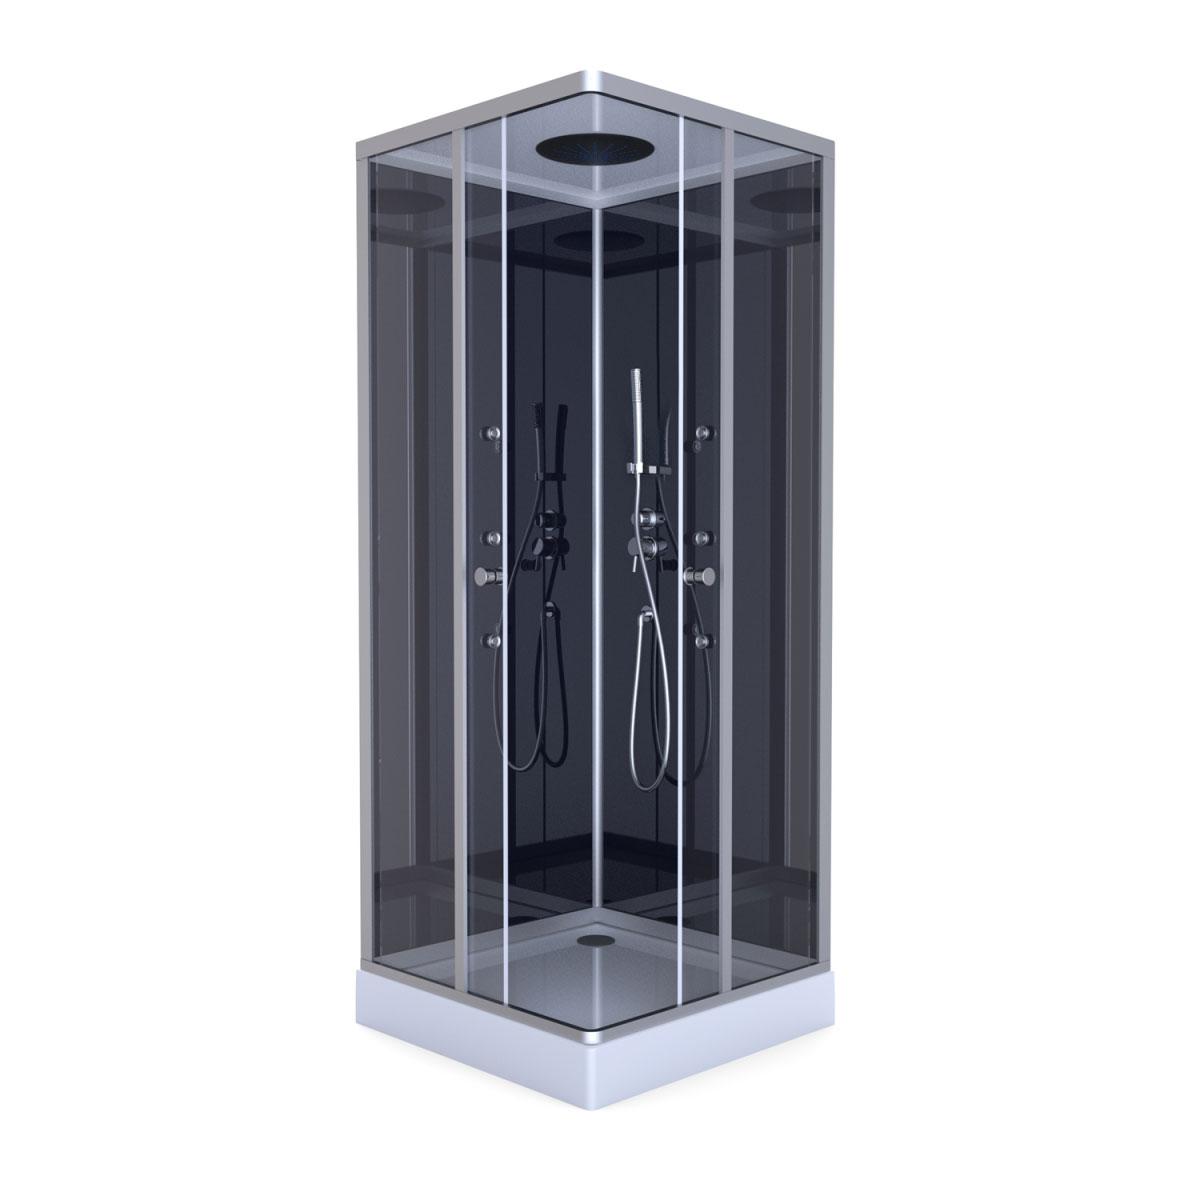 Full Size of Dusche Komplett Set Aurlane Komplettdusche Colours Black 90x90 Cm Aluminium Bett 160x200 Badewanne Mit Hüppe Begehbare Barrierefreie Einhebelmischer Günstige Dusche Dusche Komplett Set